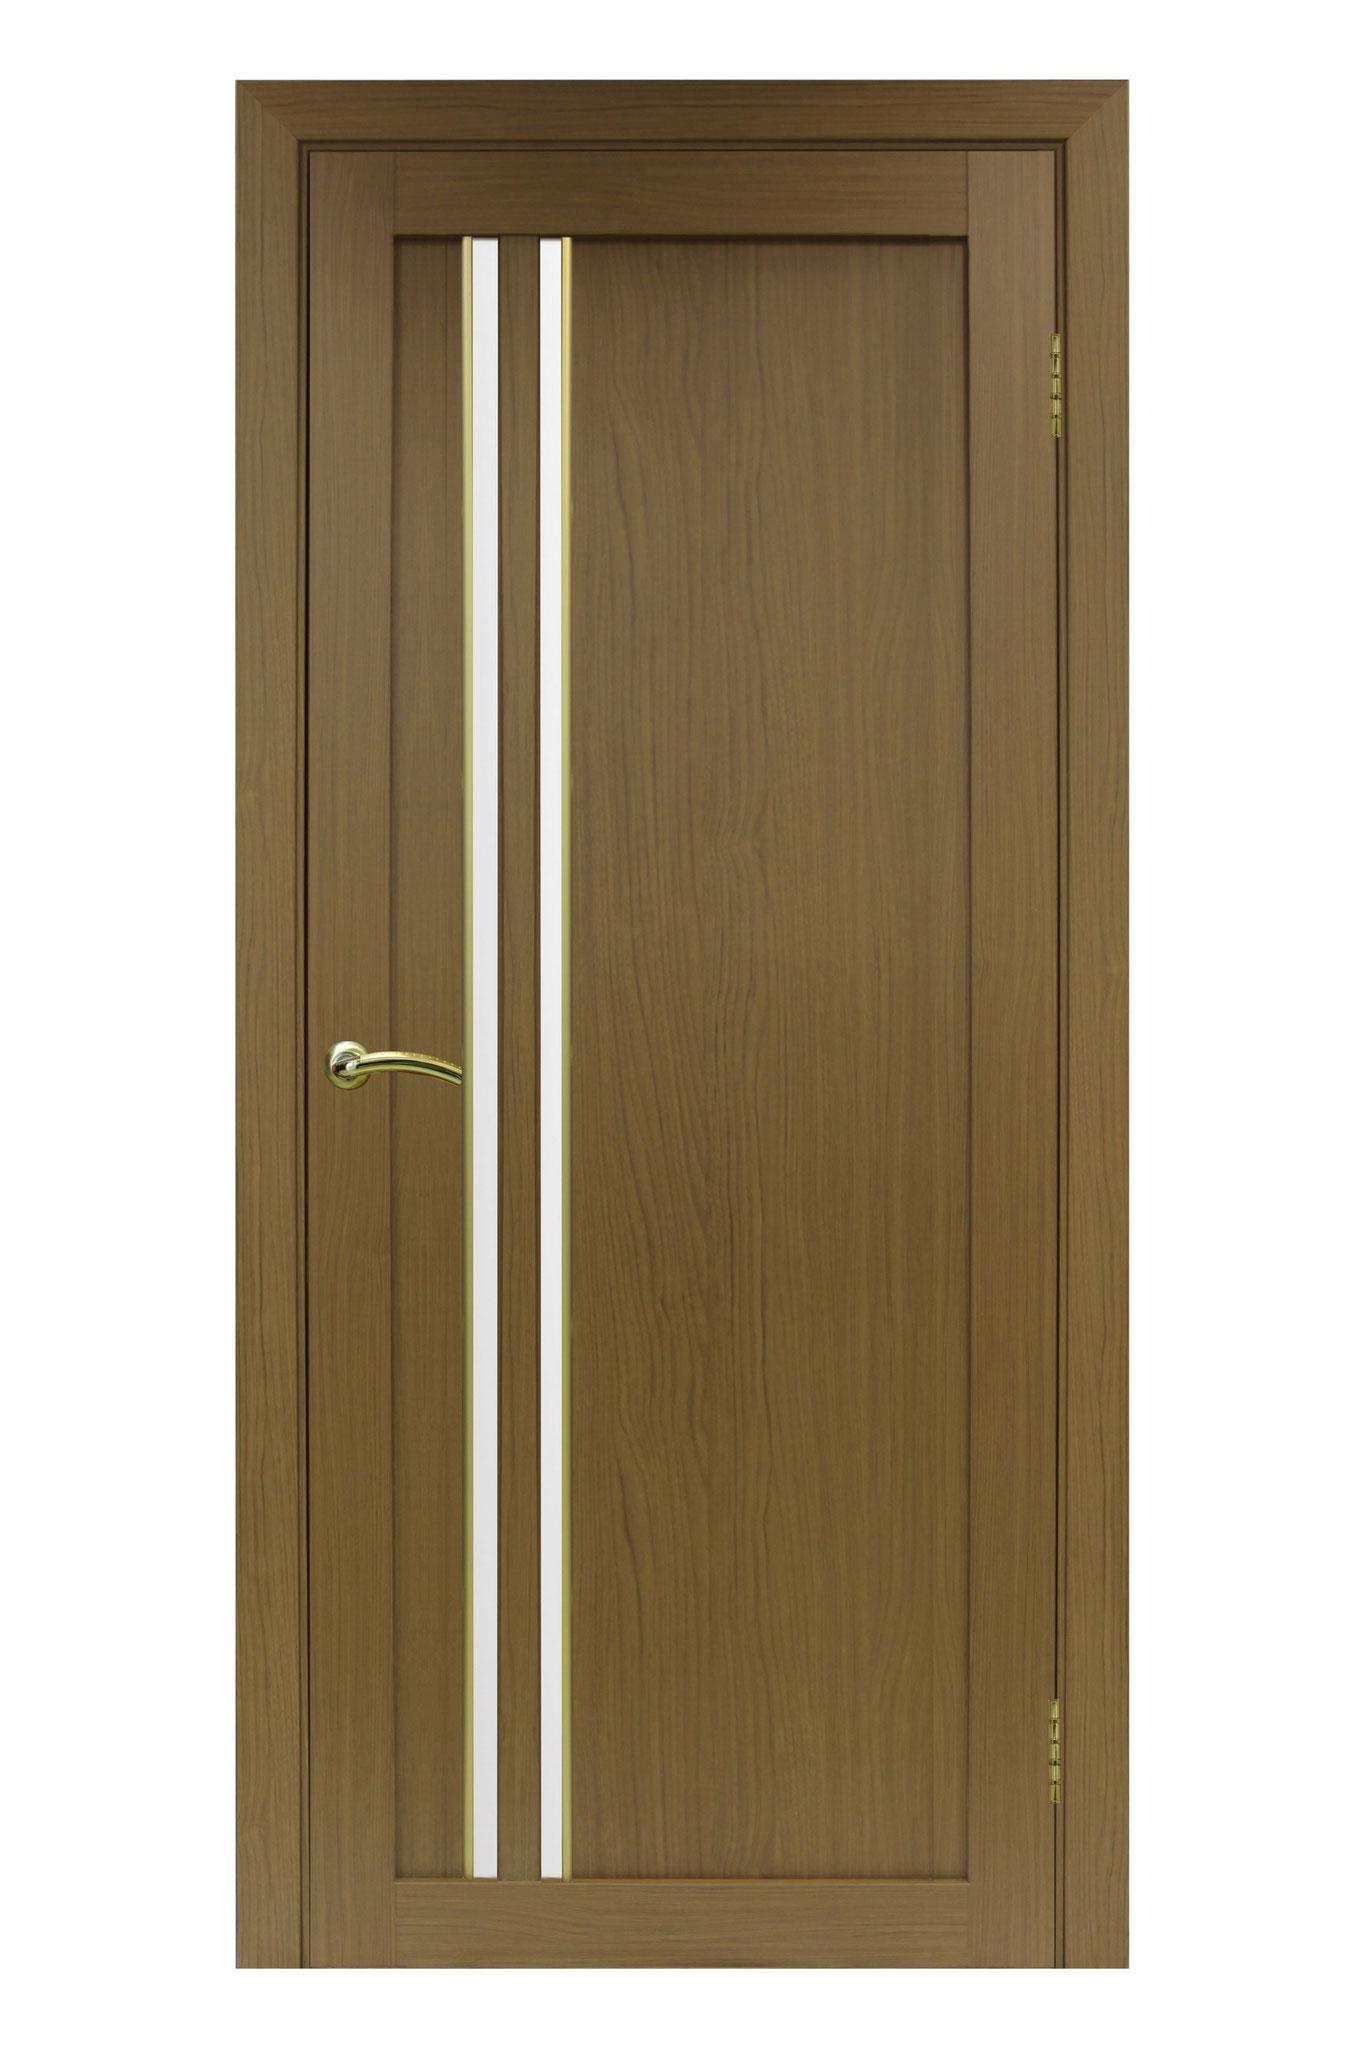 """Полотно """"Турин 525 АПС"""", орех классик, молдинг """"матовое золото"""", стекло сатин. Цена: 4350 рублей"""